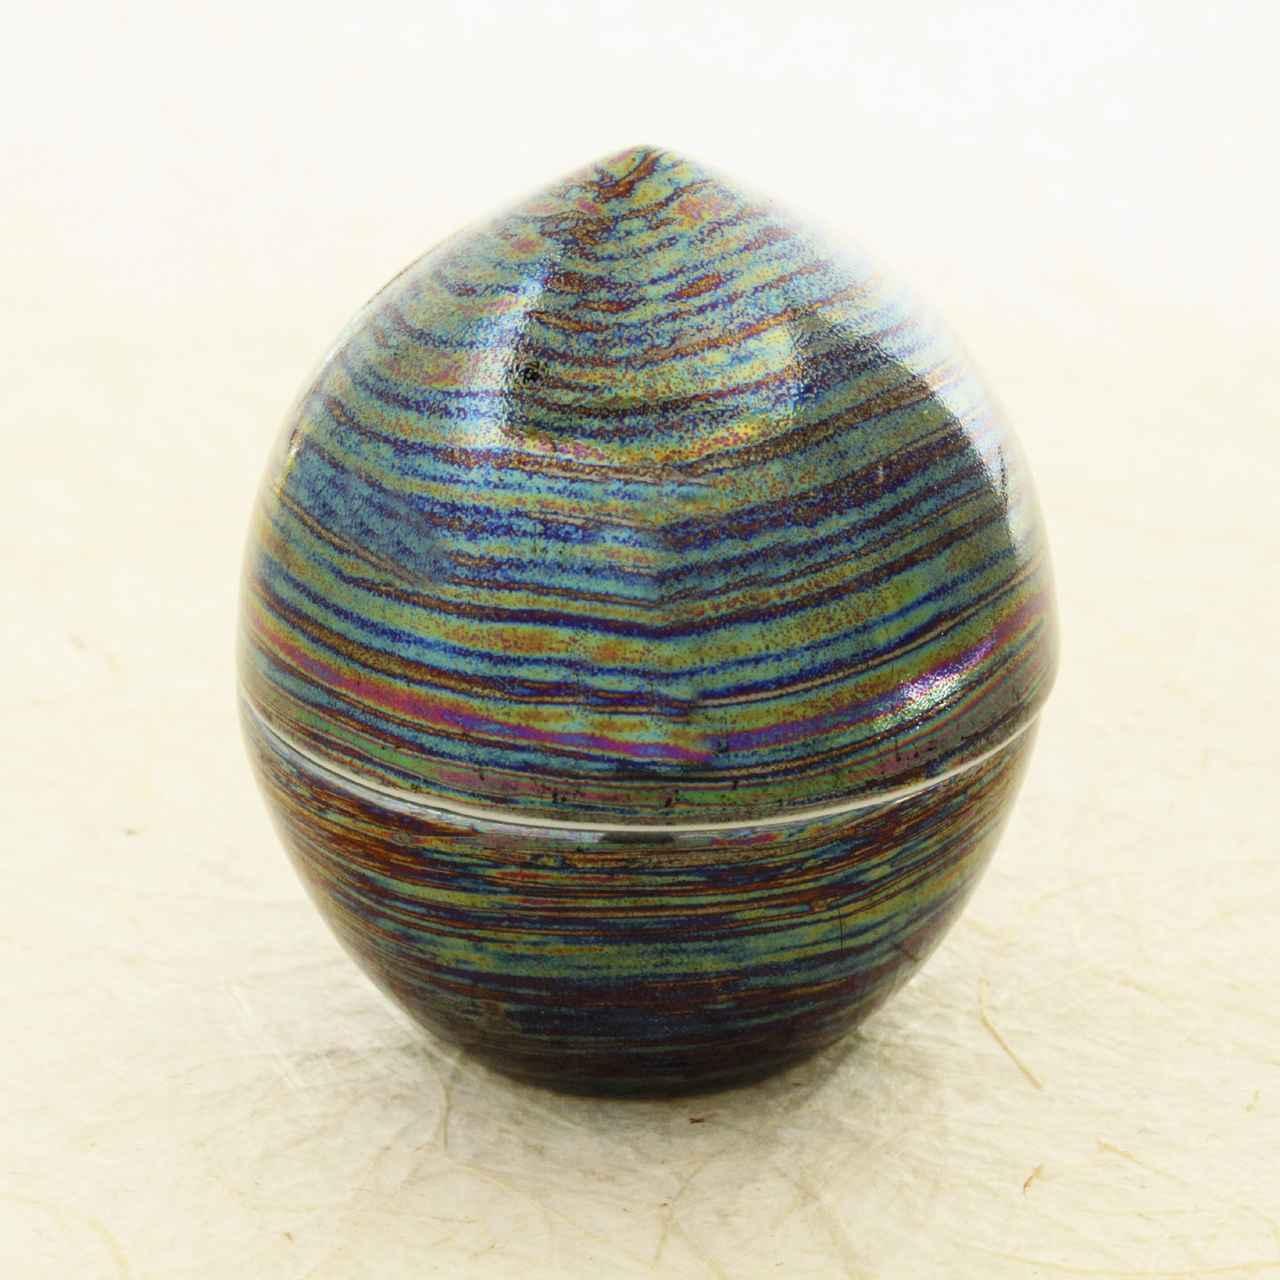 画像14: 虹珠 - 思い出とともに遺骨や形見の品を納めておける小さなしずく